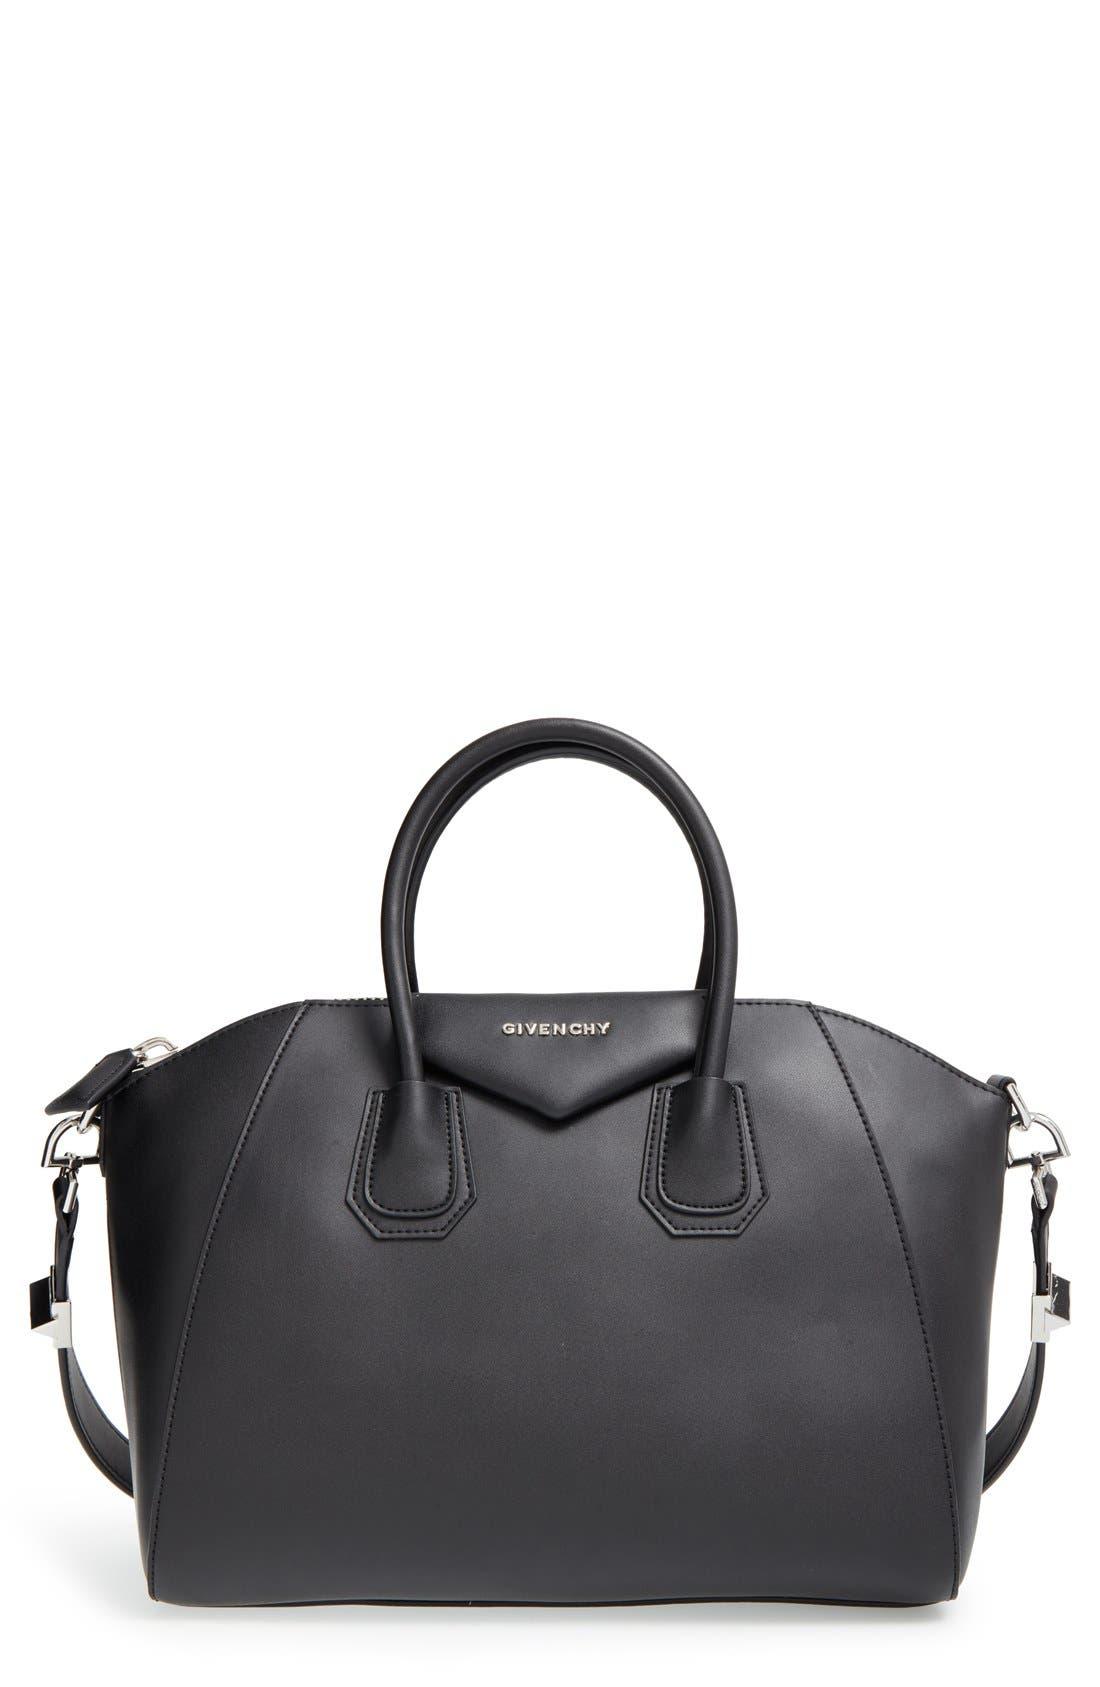 Main Image - Givenchy 'Medium Antigona' Leather Satchel